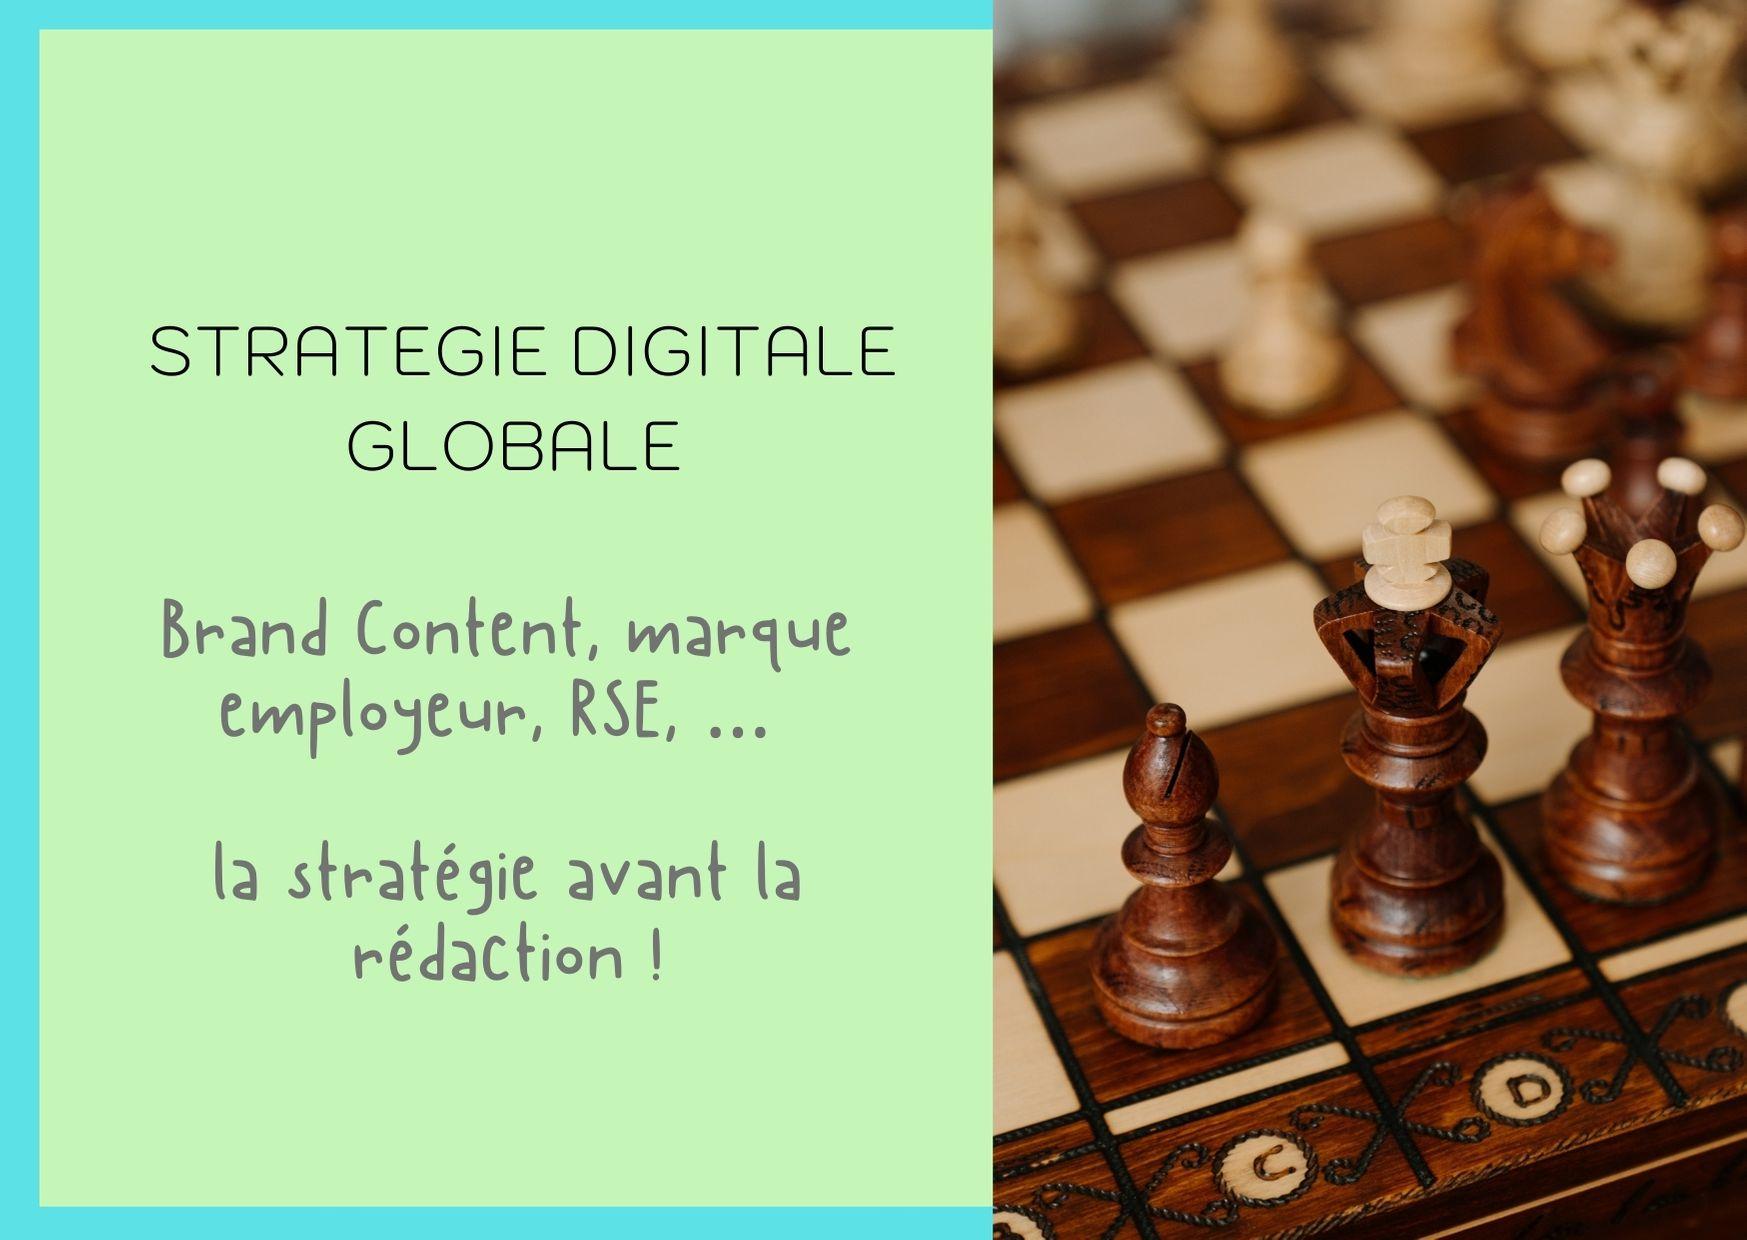 Stratégie digitale globale et rédaction de contenus